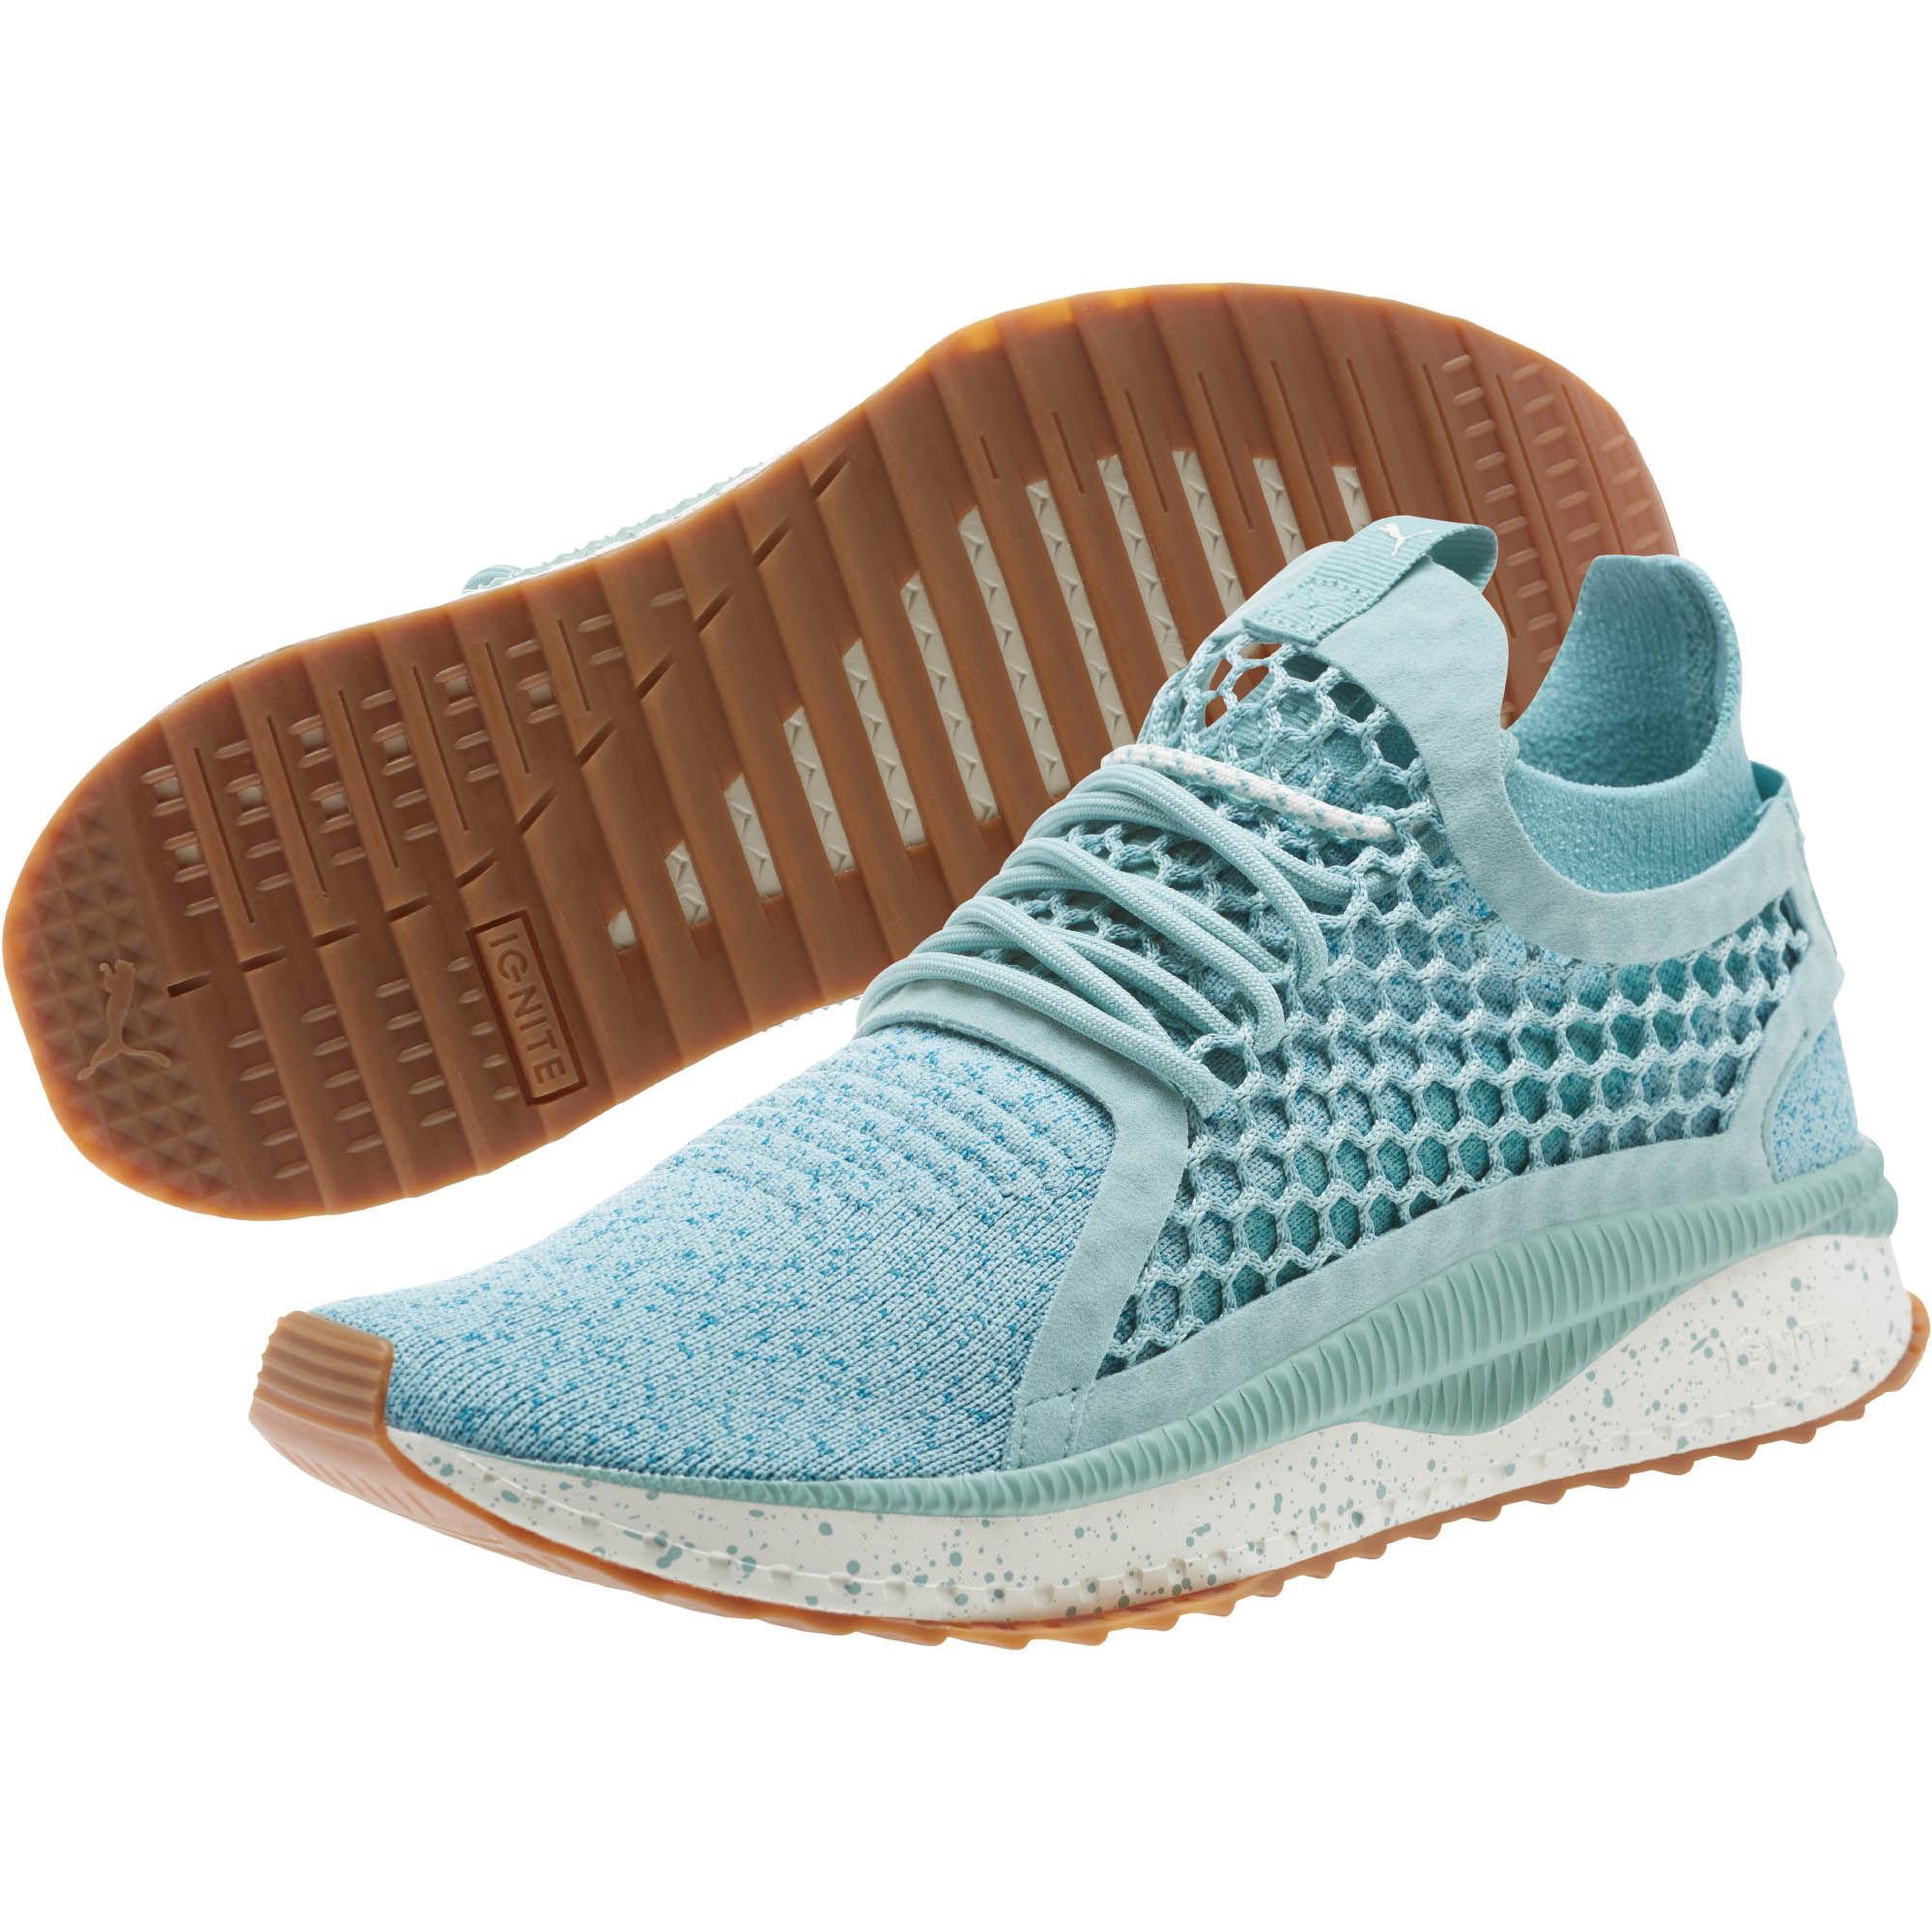 Lyst - PUMA Tsugi Netfit V2 Evoknit D Men s Sneakers in Blue 82c887e0a